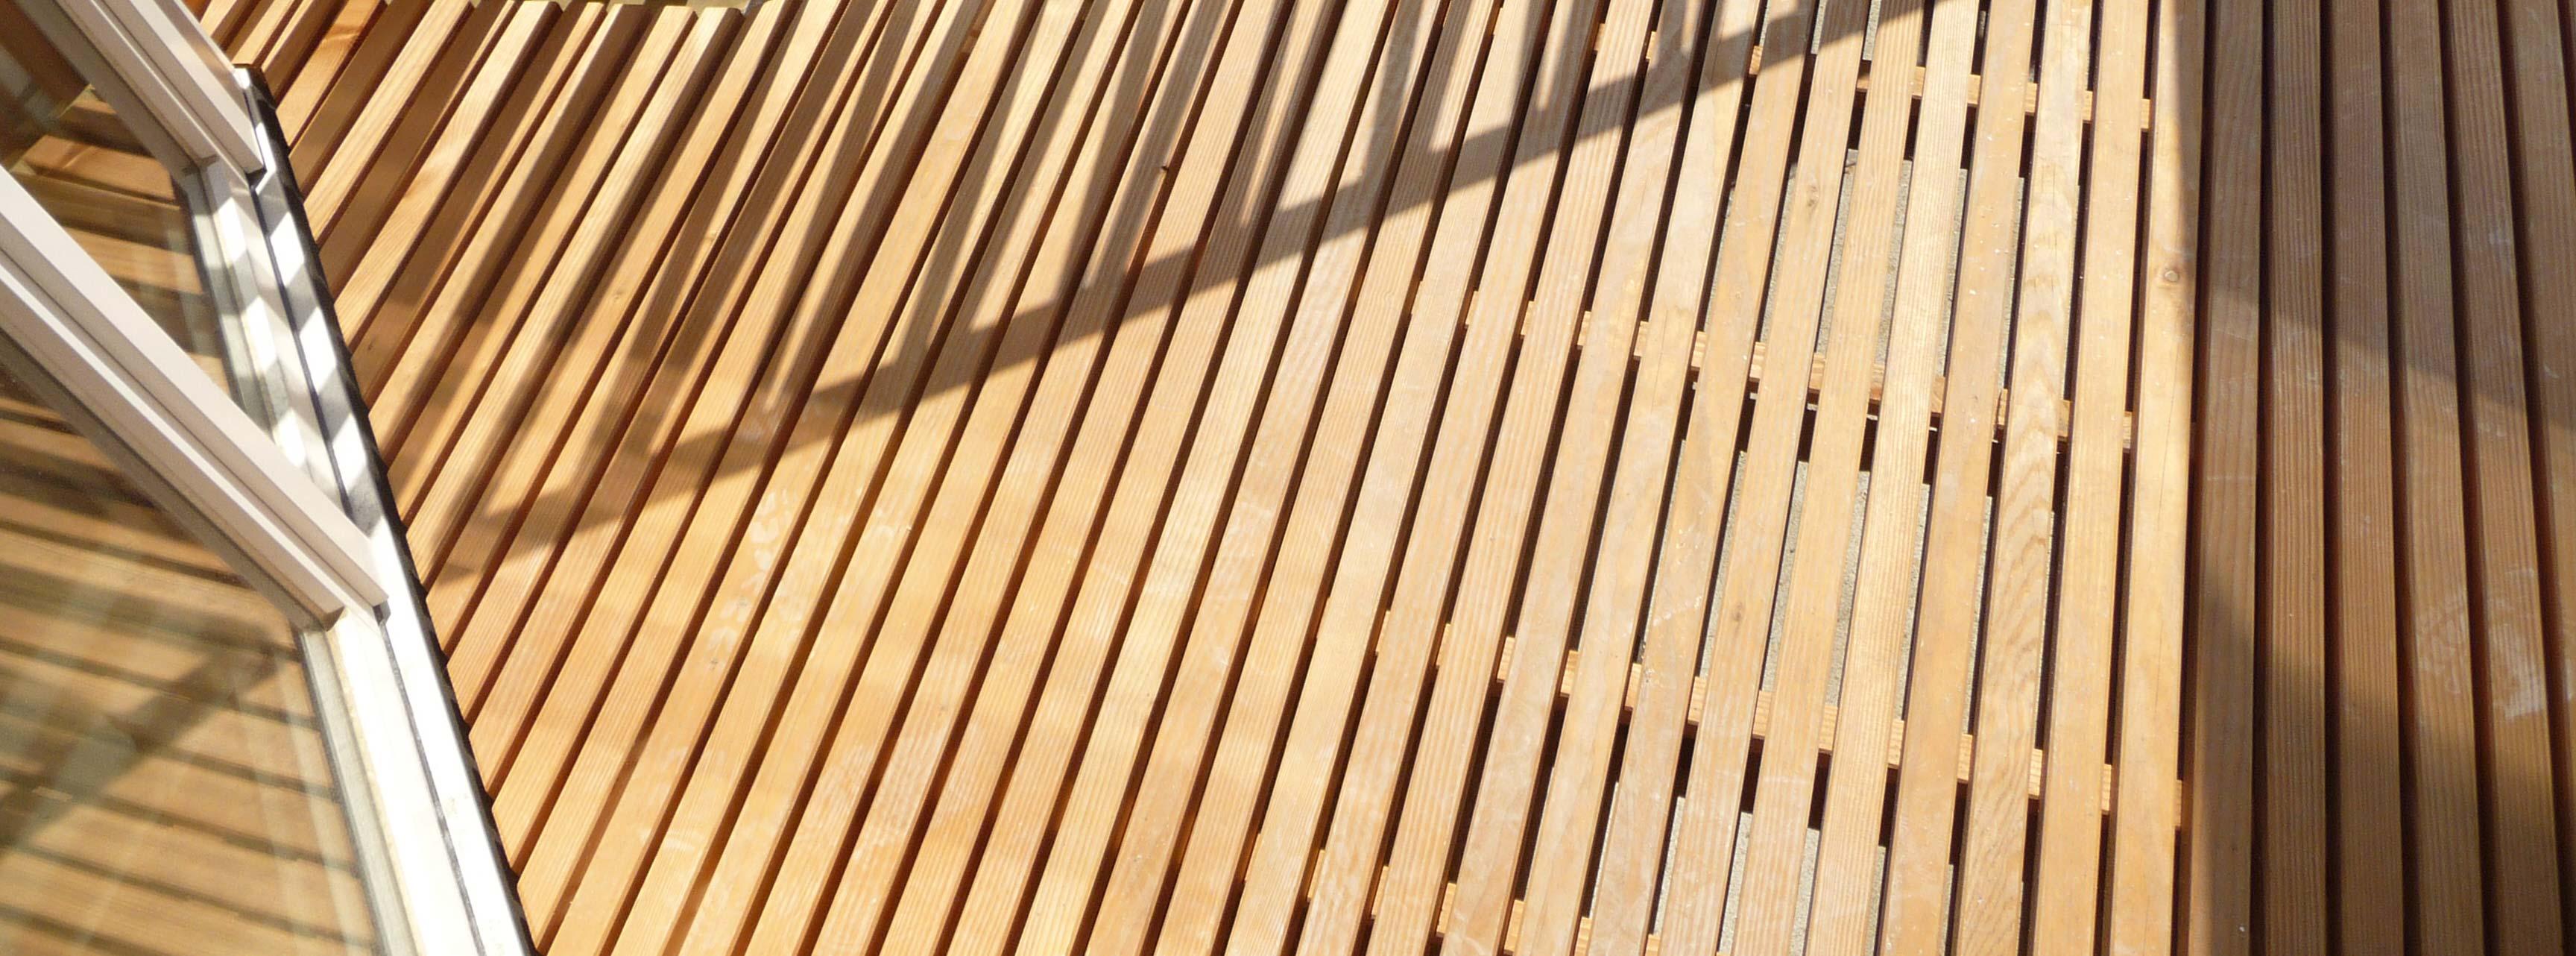 terrassenboden-baltensperger-hochbau-tiefbau-holzbau